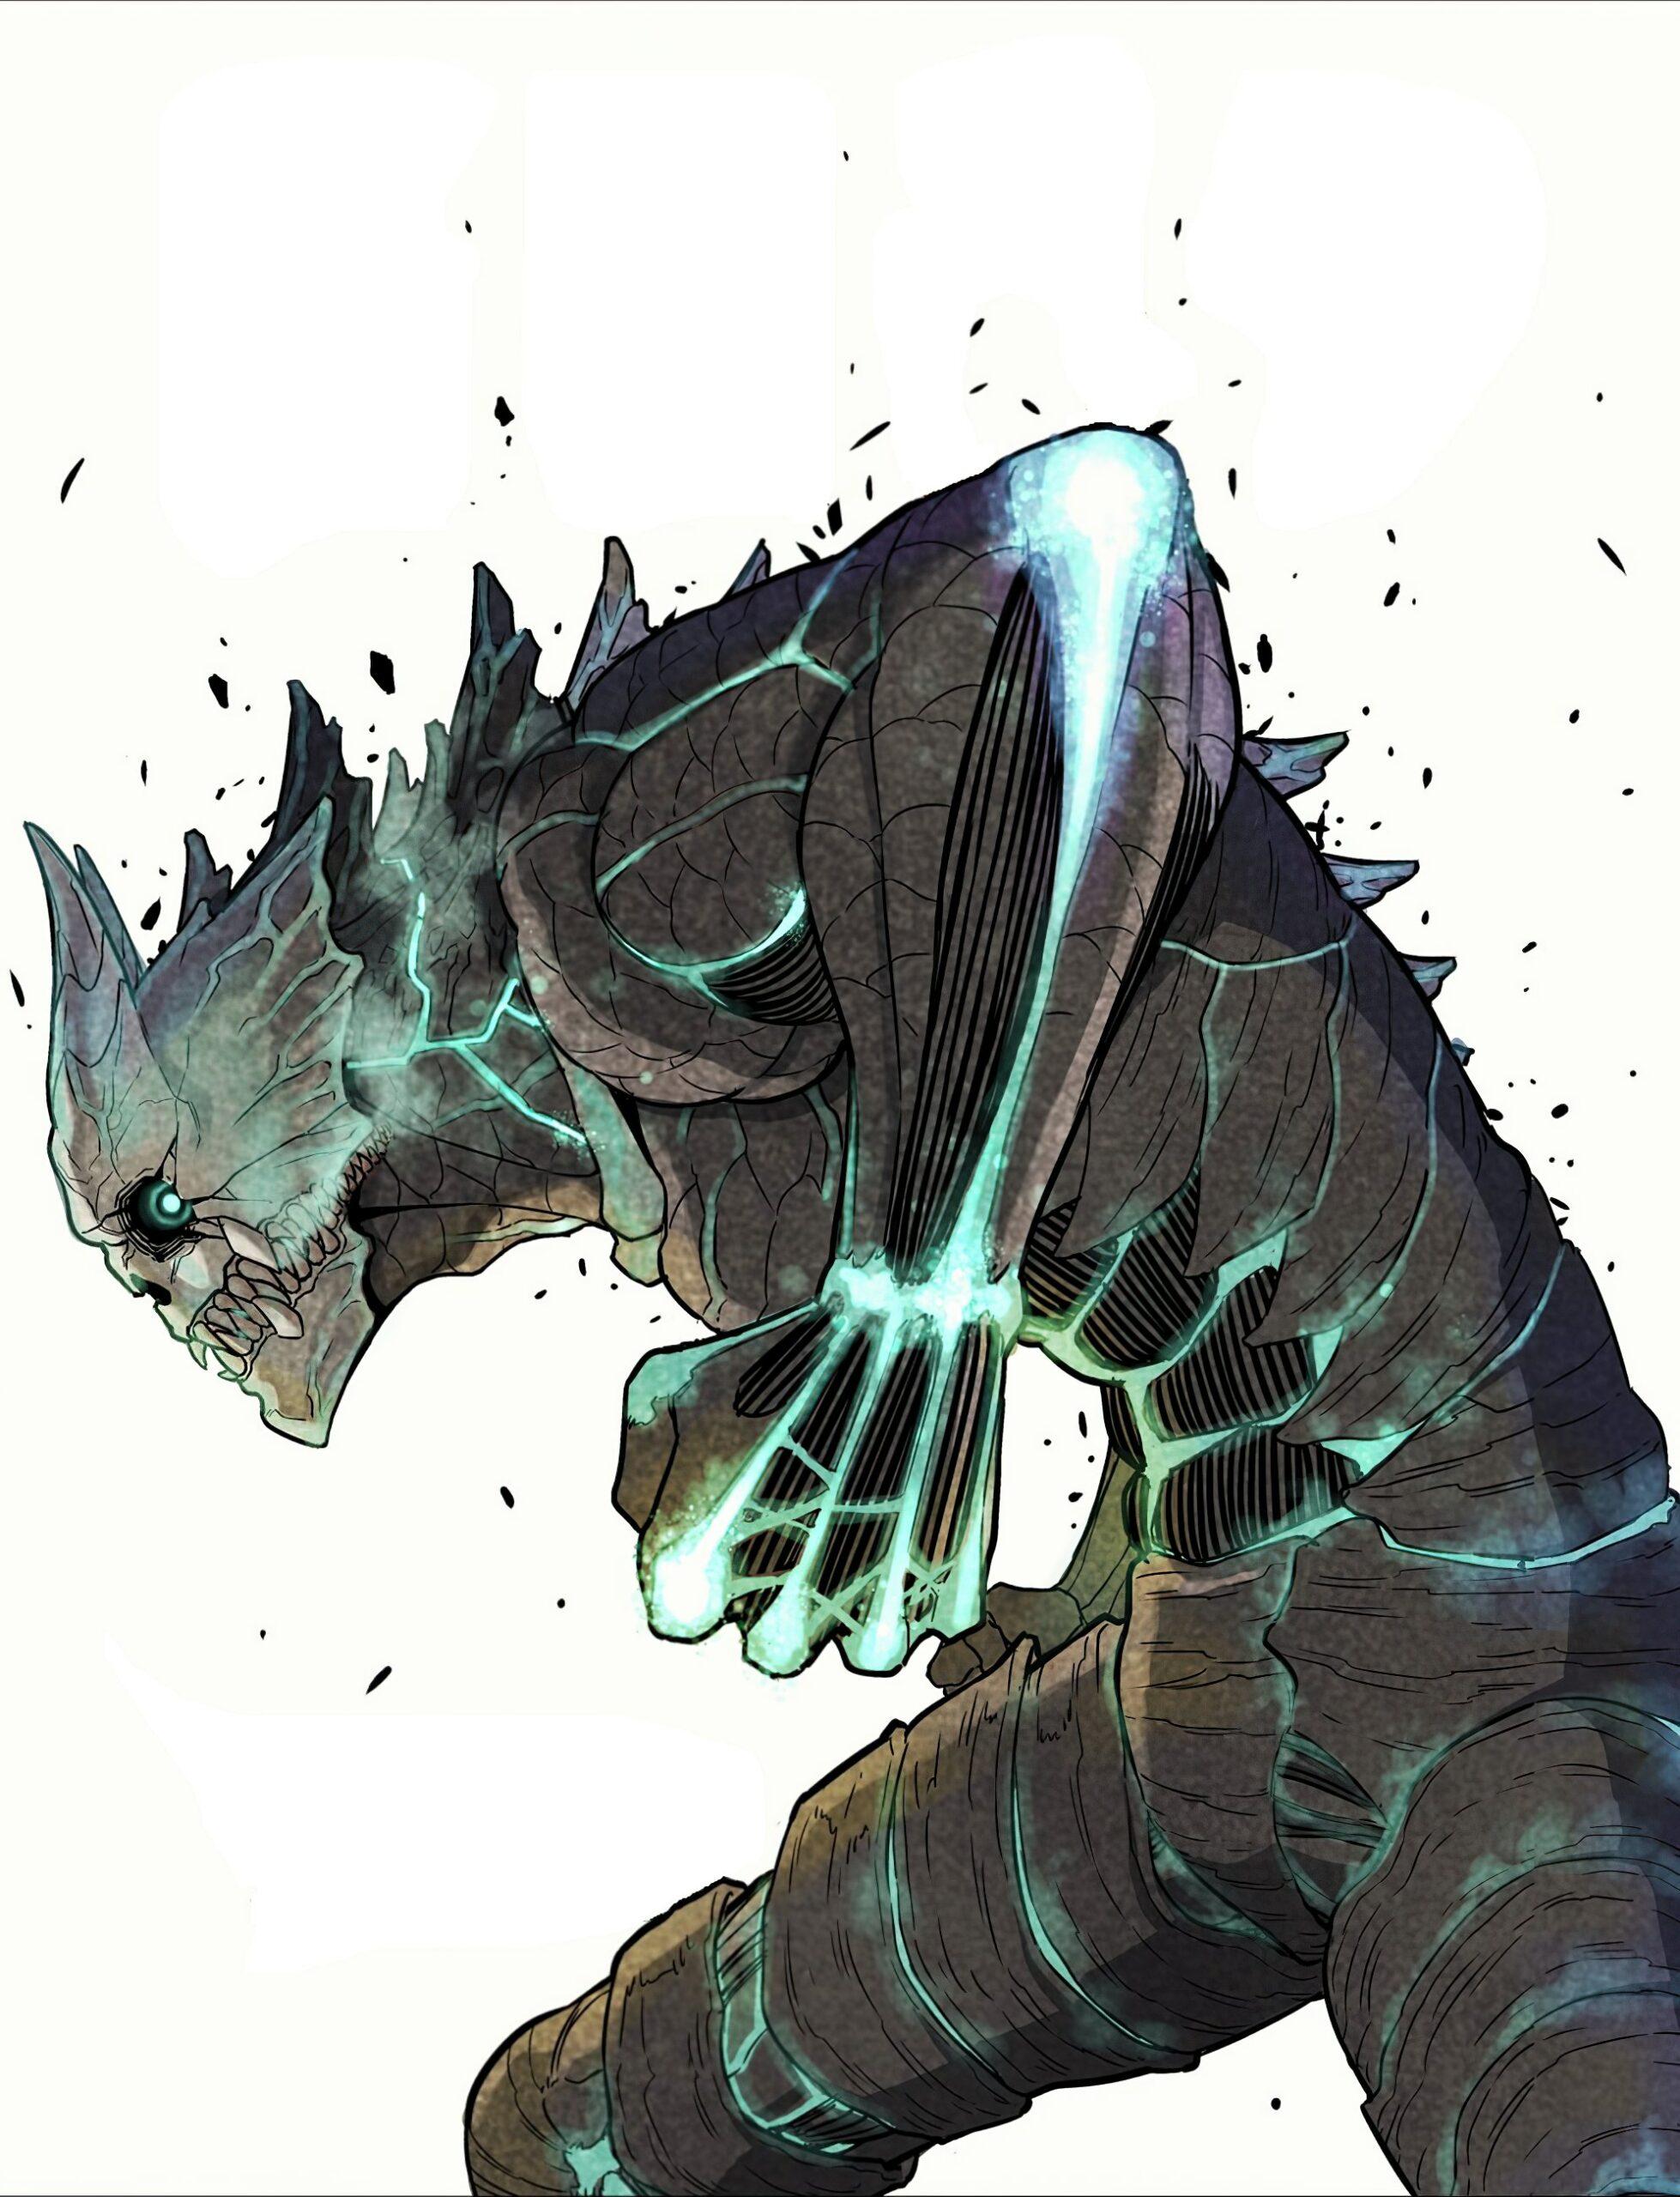 Kaijuu 8-gou